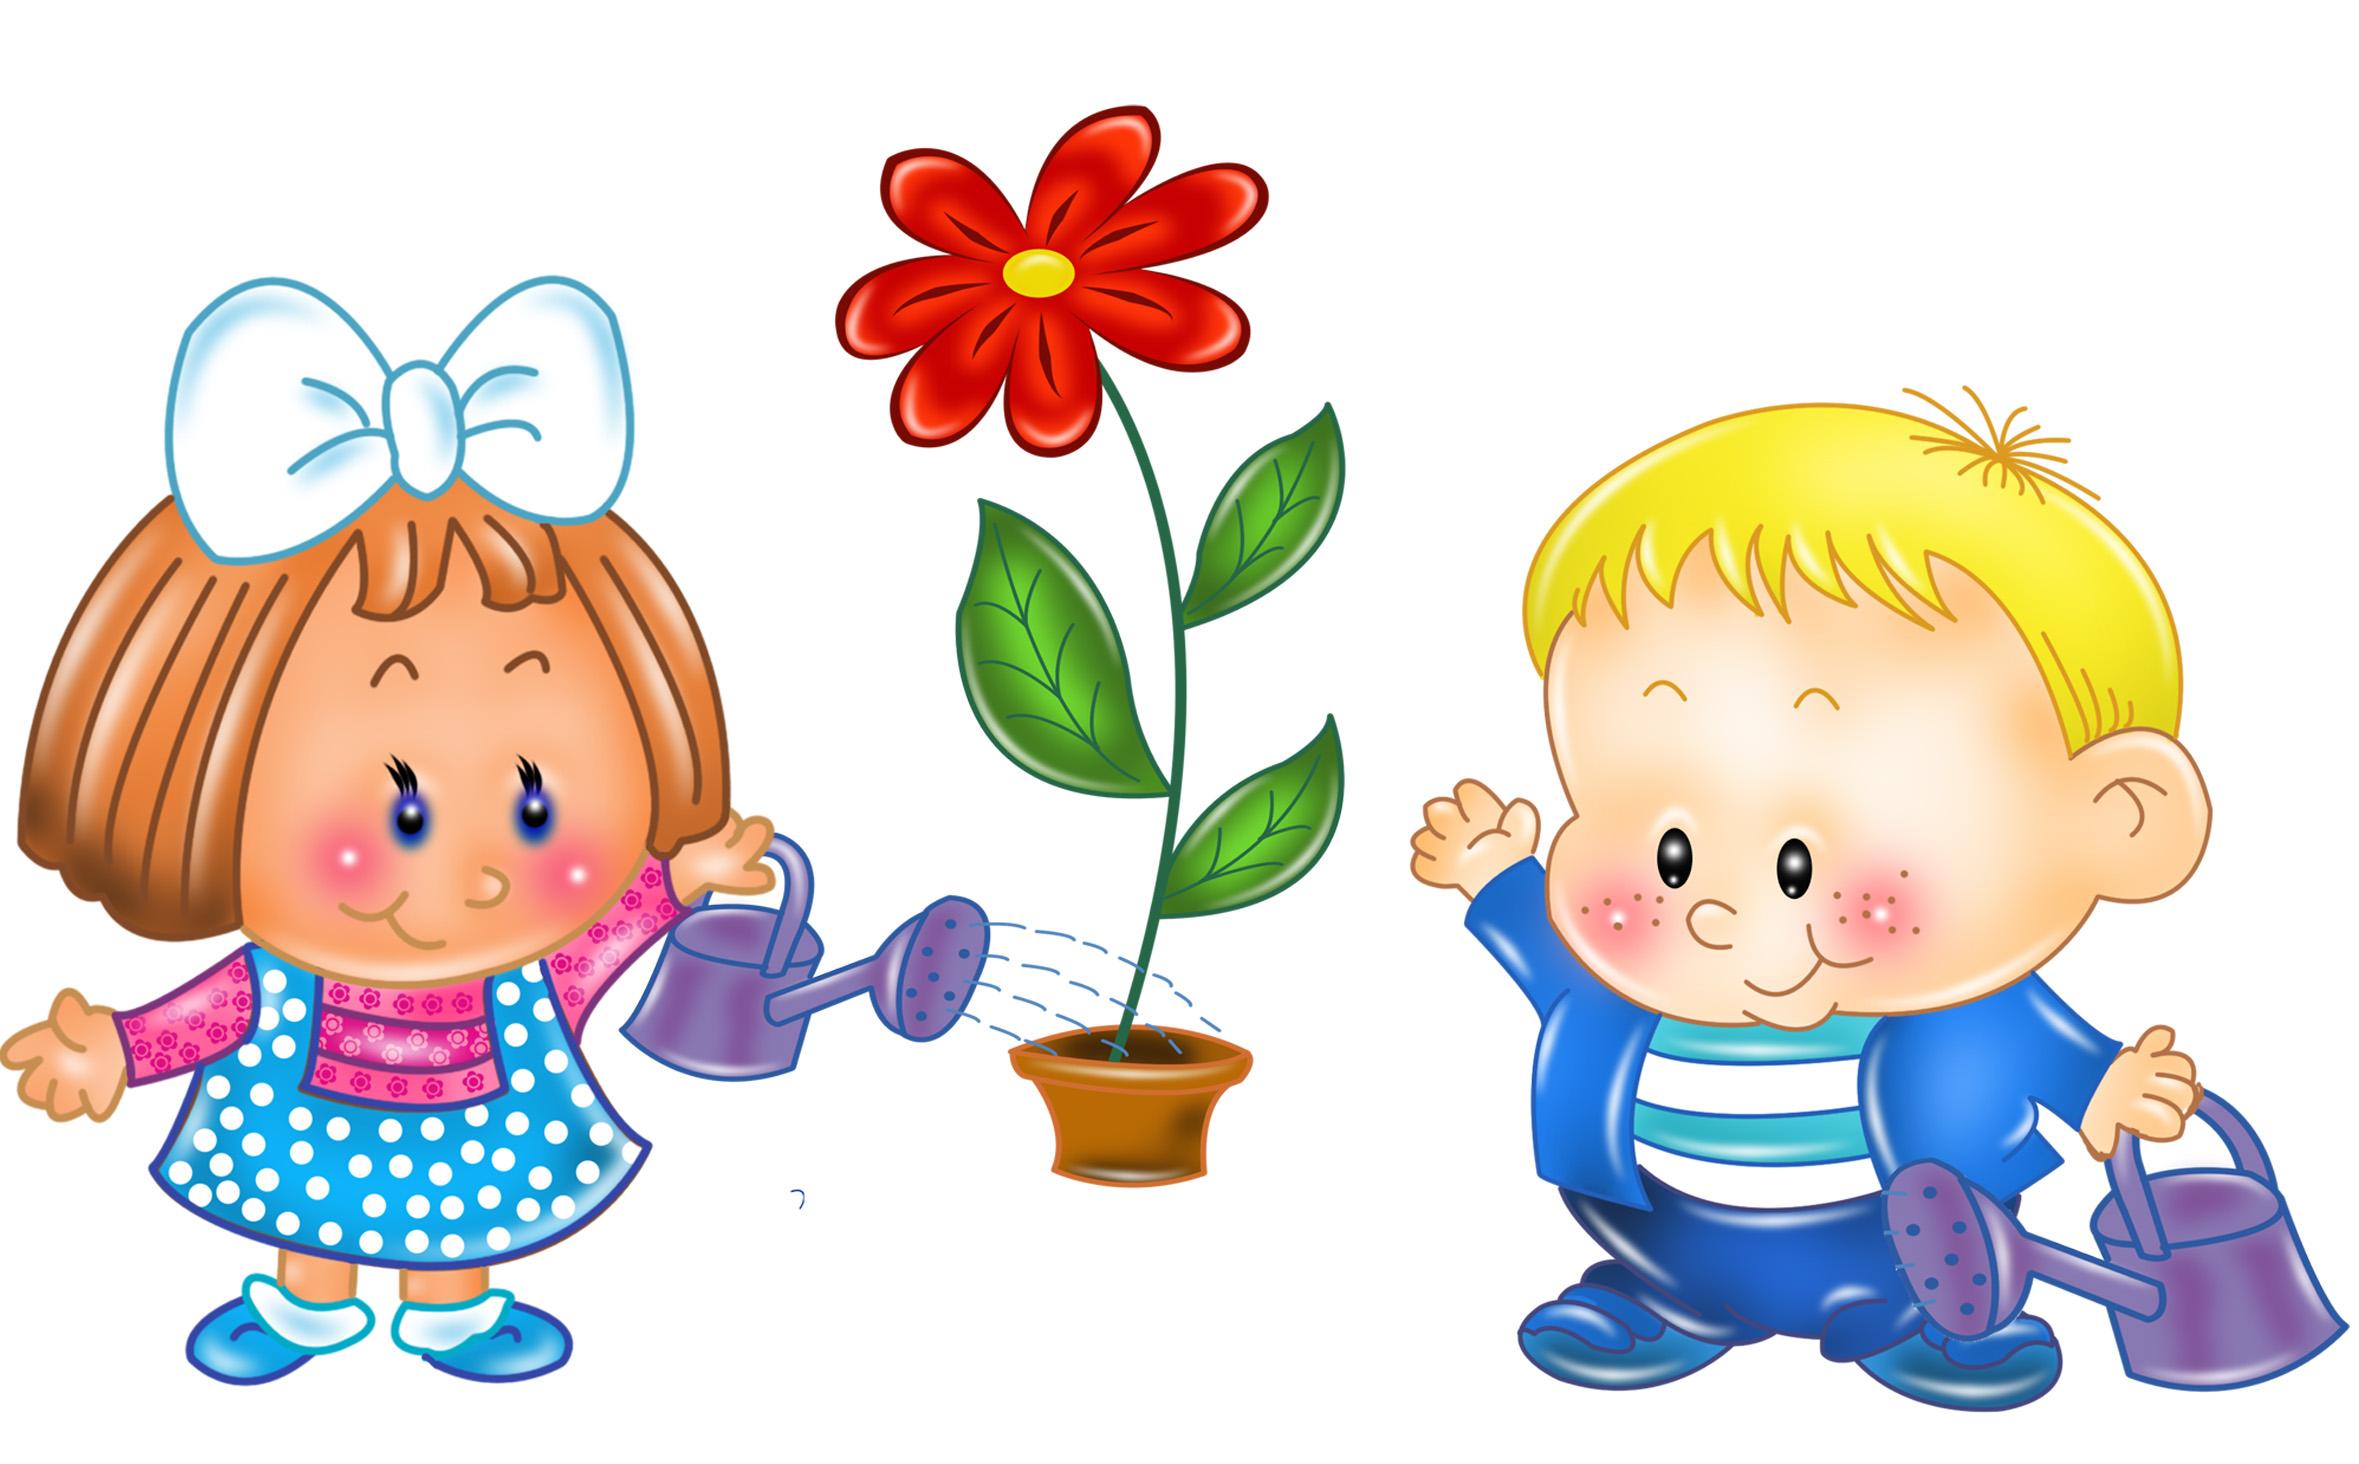 Скачать картинки для детского сада на разные темы - подборка 15